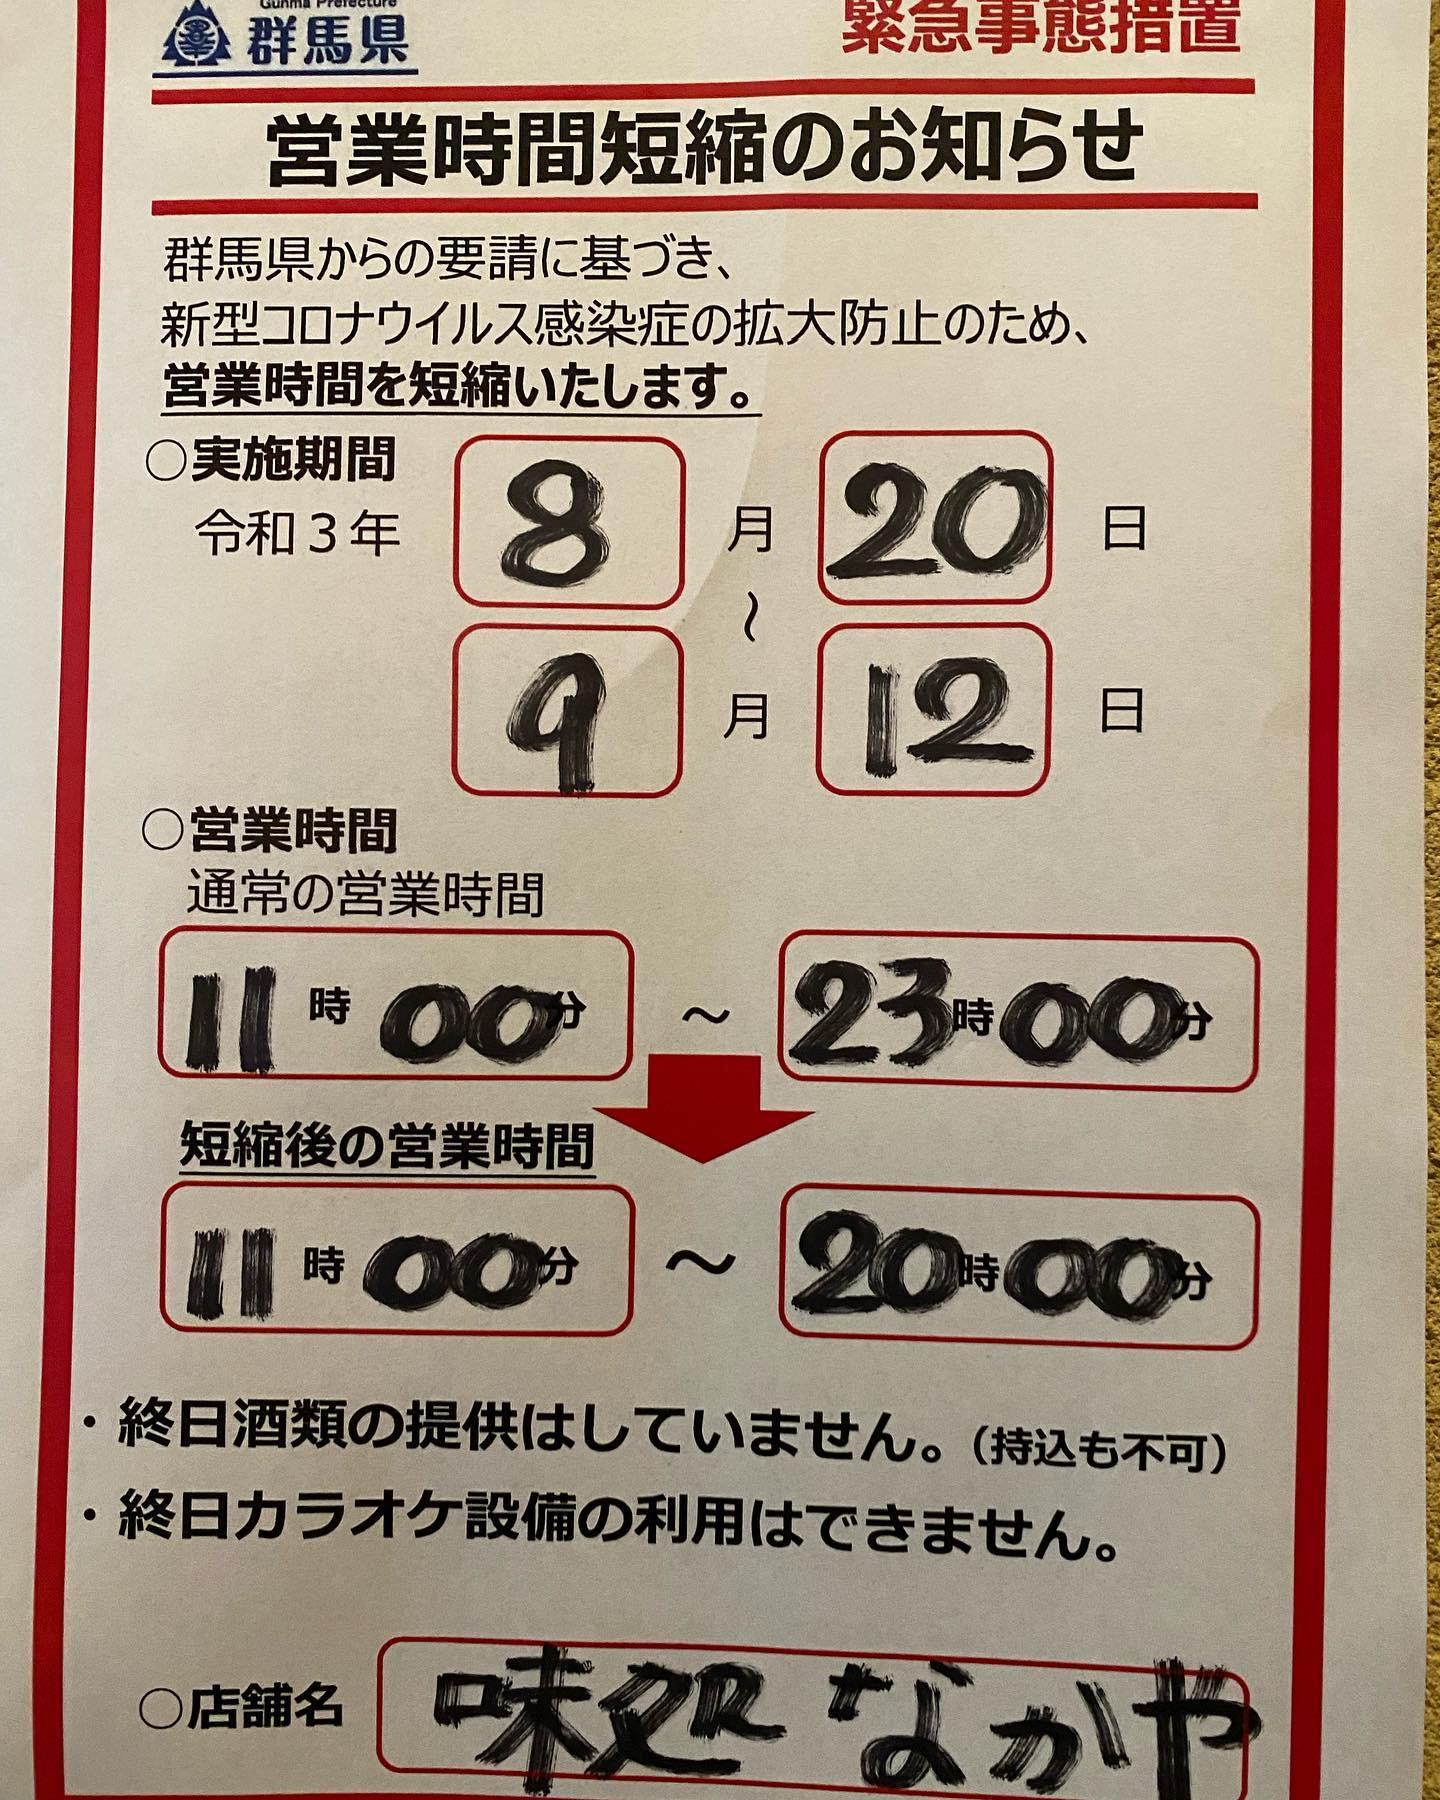 先日の8月20日〜9月12日までは 群馬県に緊急事態宣言が適用されたことに伴い、営業時間が以下の通りになります。 ・[昼] 11:00〜14:30(ラストオーダー14:00) ・[夜] 17:00〜20:00(ラストオーダー19:30) 酒類の提供はしておりません。 ご了承の程よろしくお願いいたします。